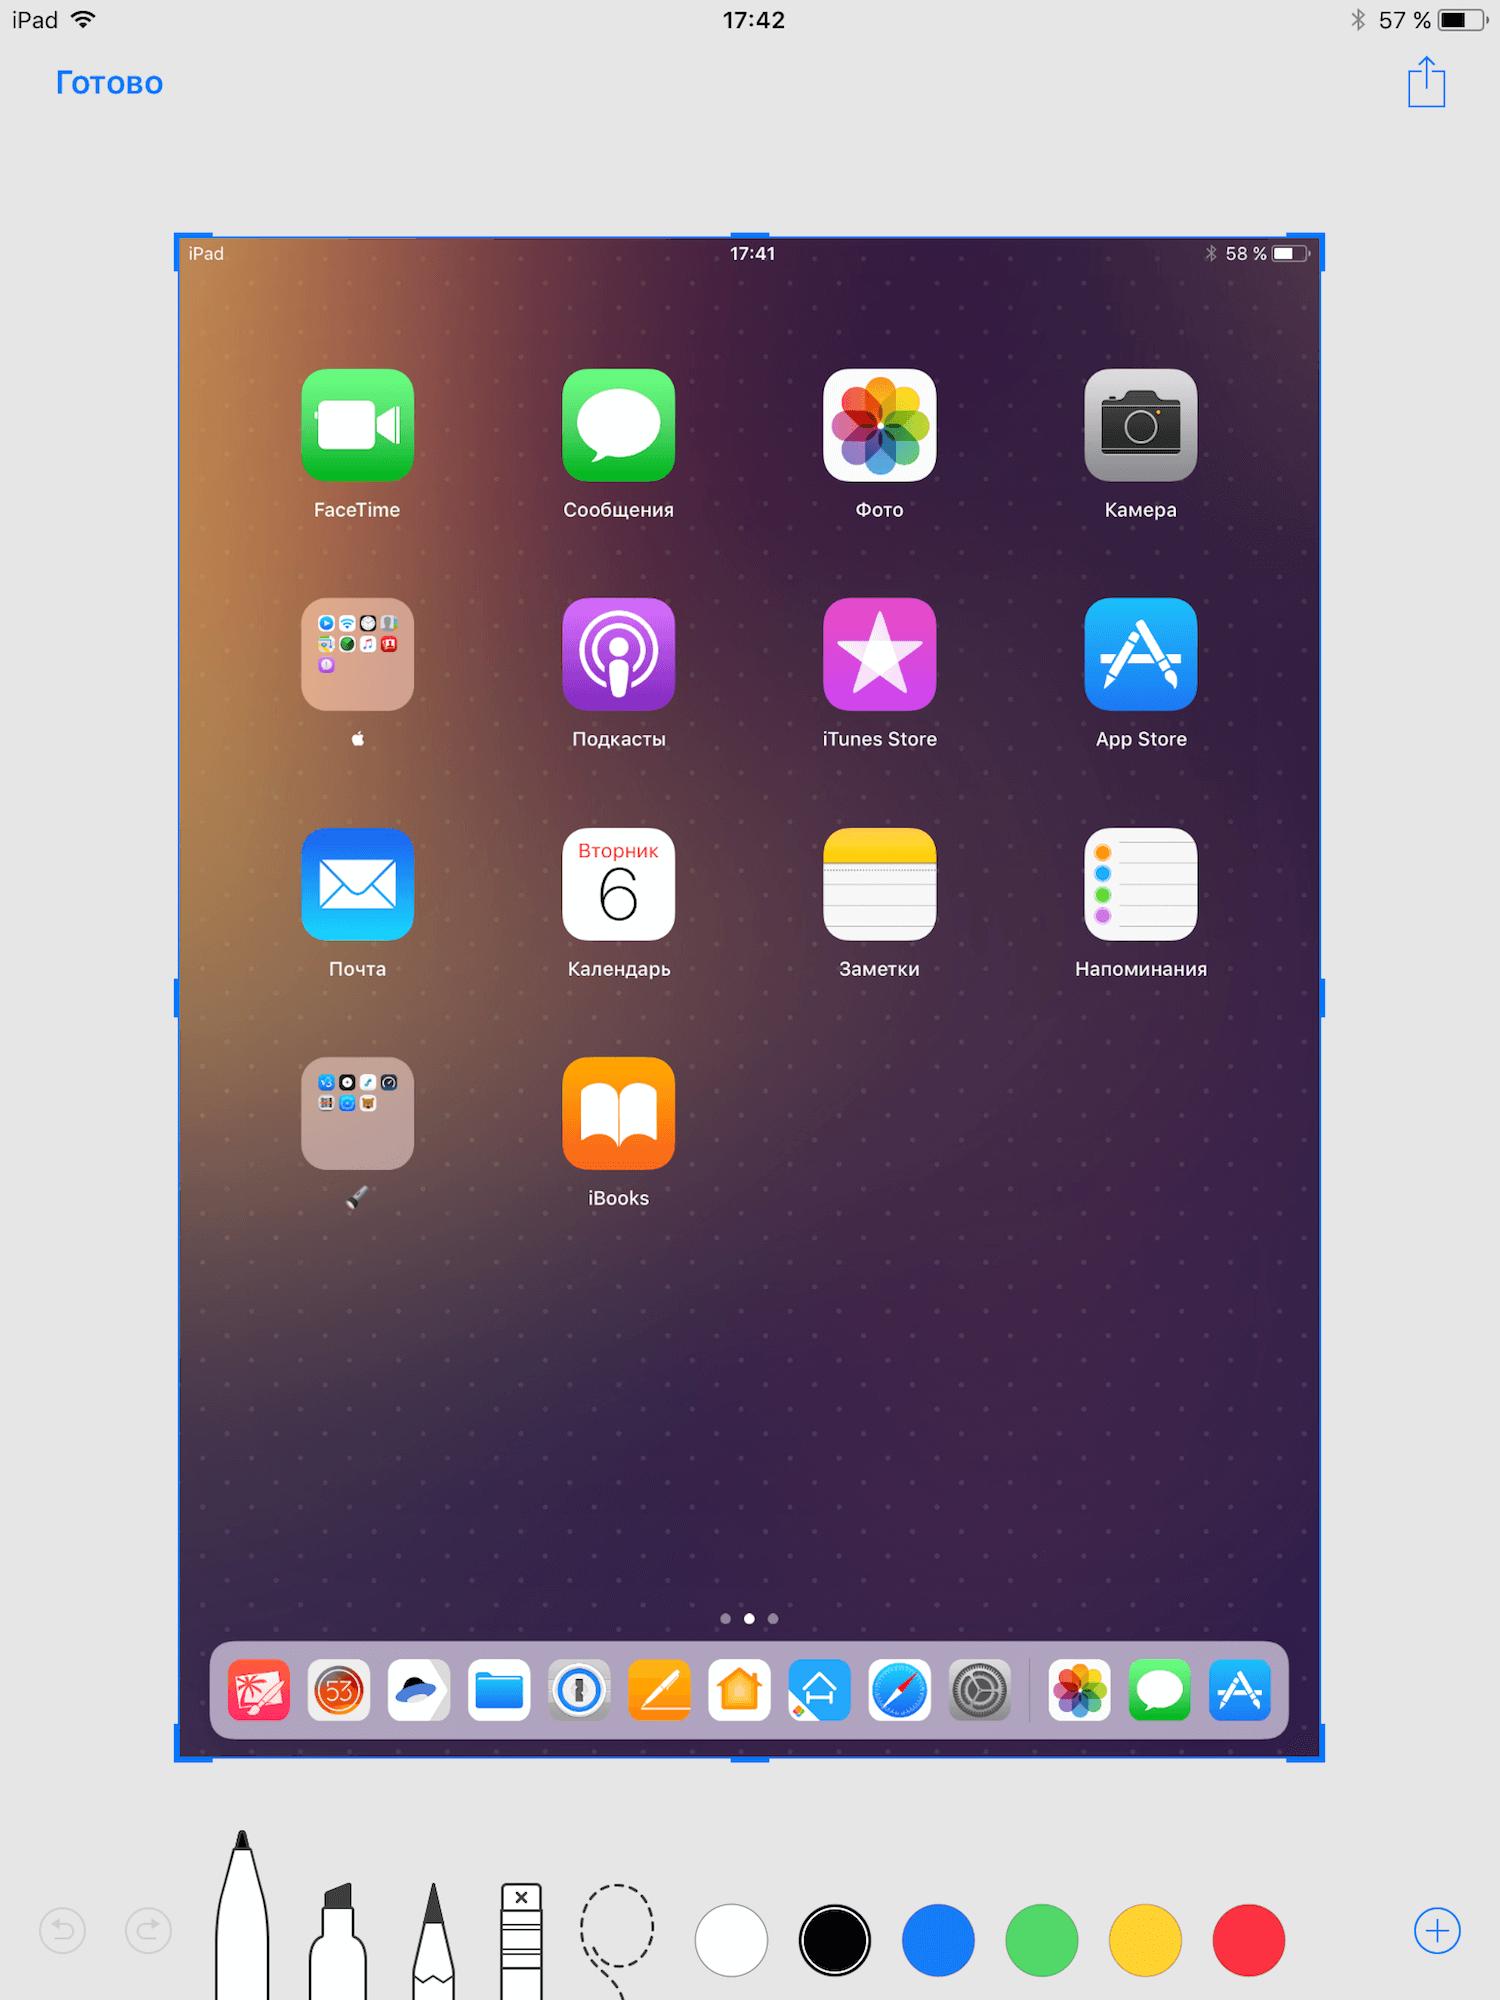 #Видео: Обзор iOS 11 на iPad